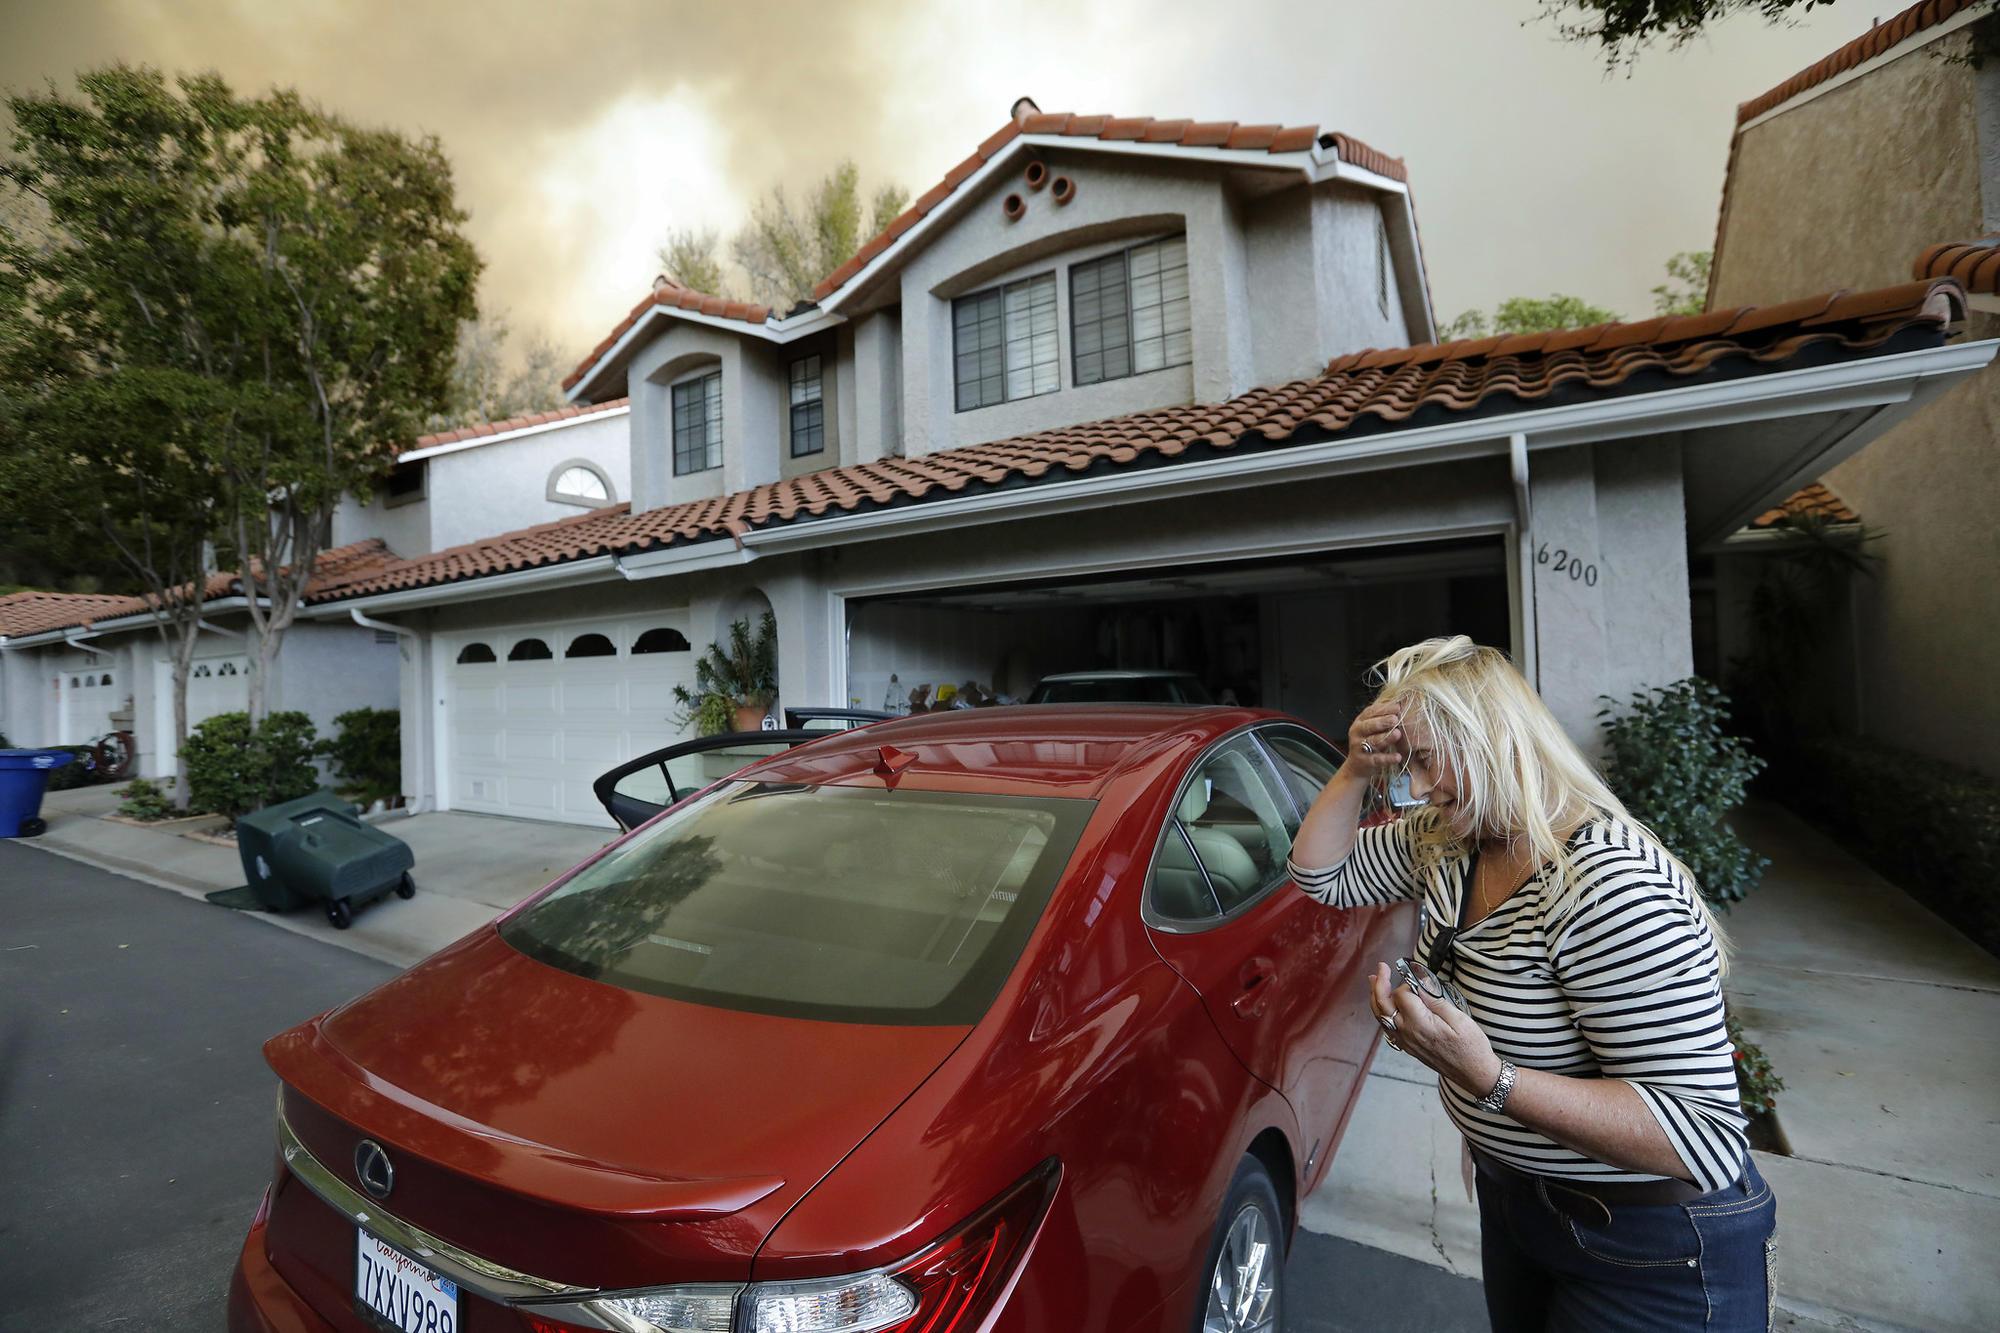 Hill fire in Camarillo